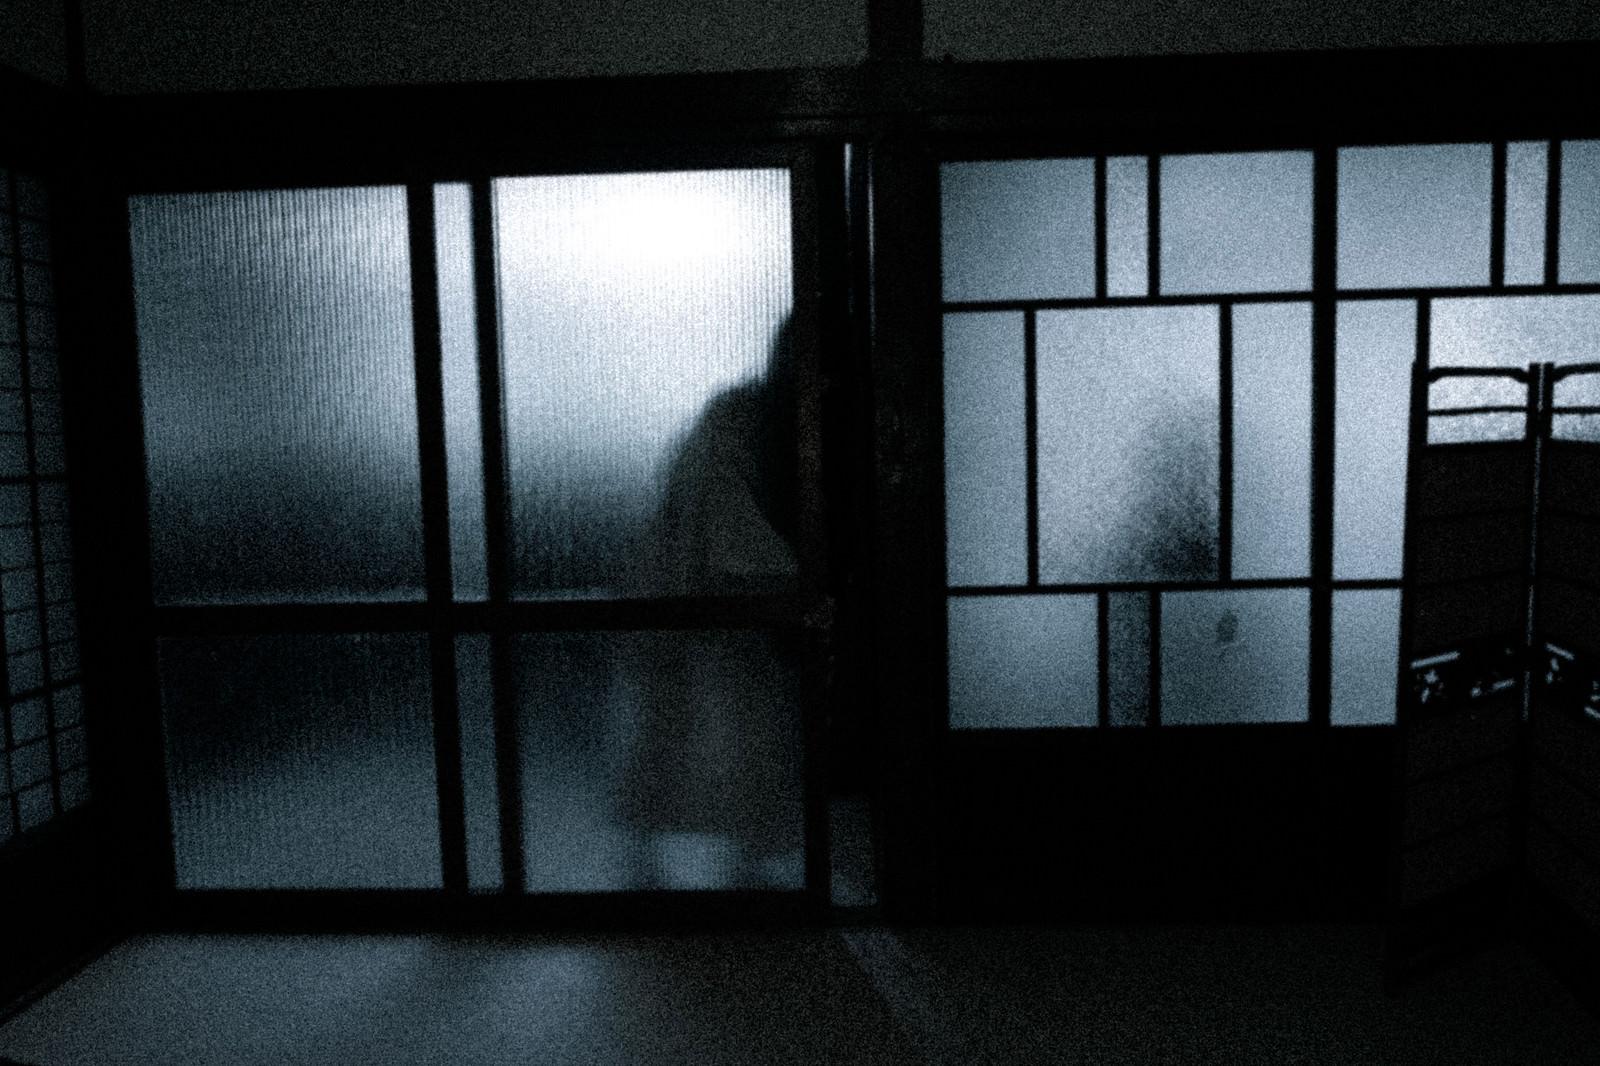 「暗い部屋に入ろうとする人影」の写真[モデル:緋真煉]